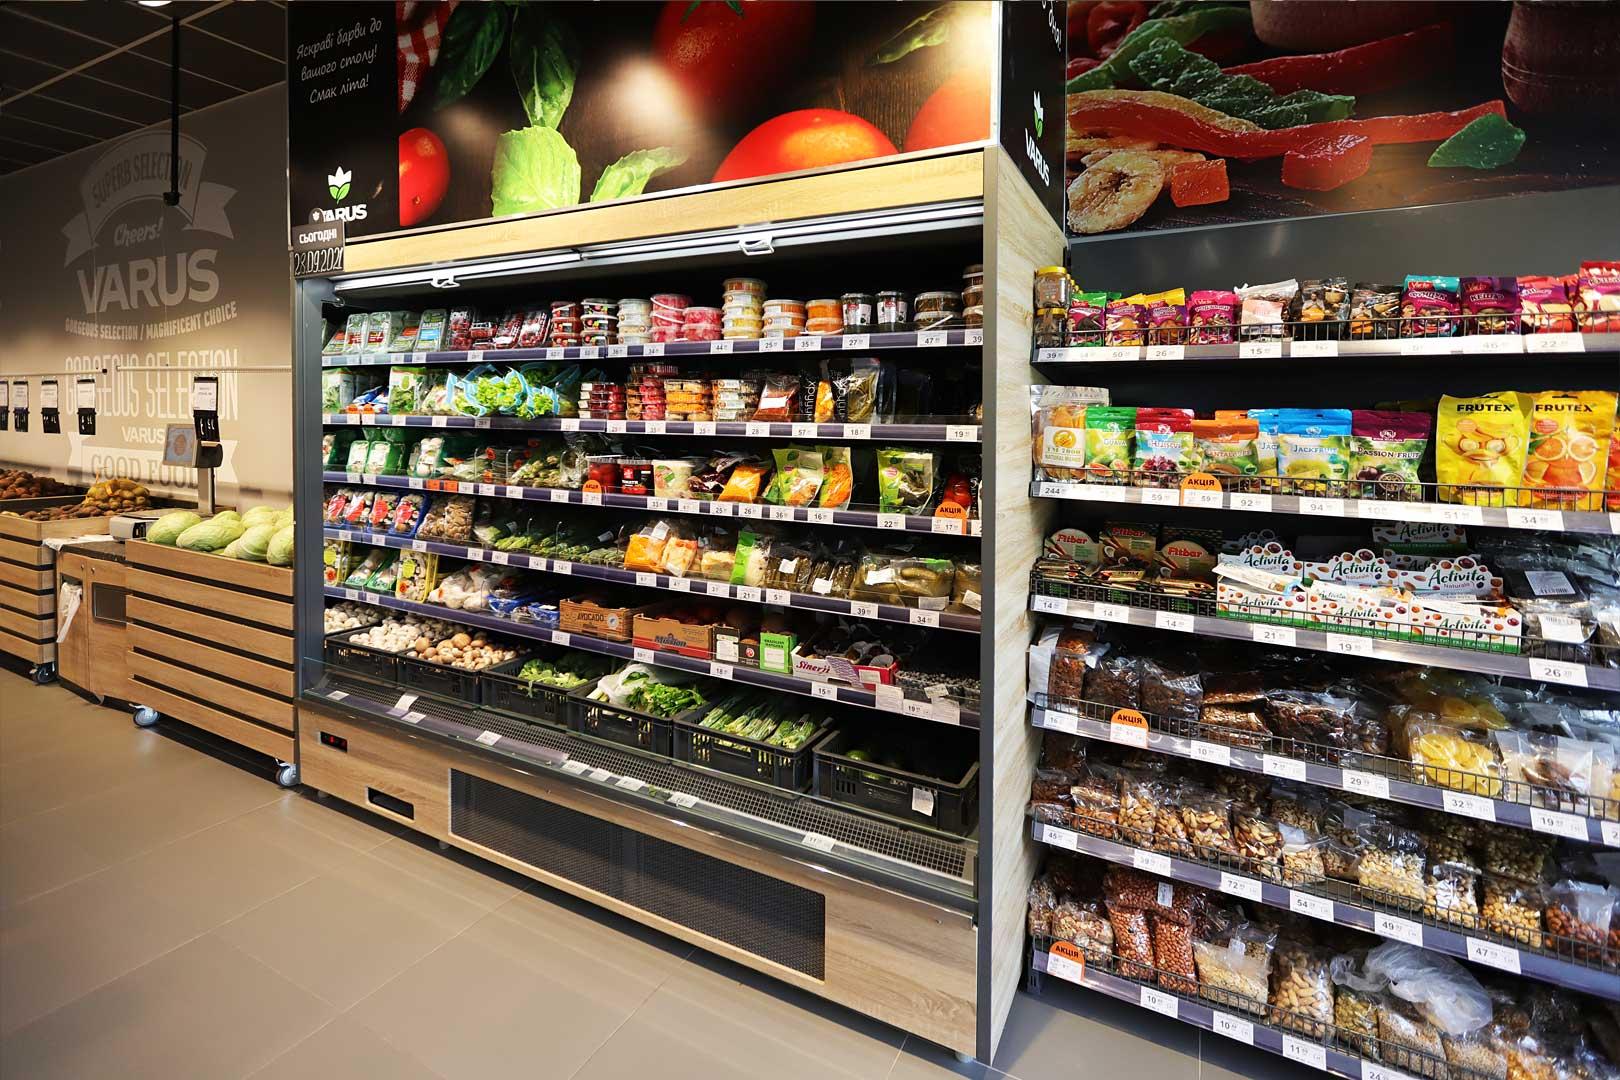 Холодильна пристінна вітрина Indiana medium AV 085 MT O 210-DLA, супермаркет VARUS